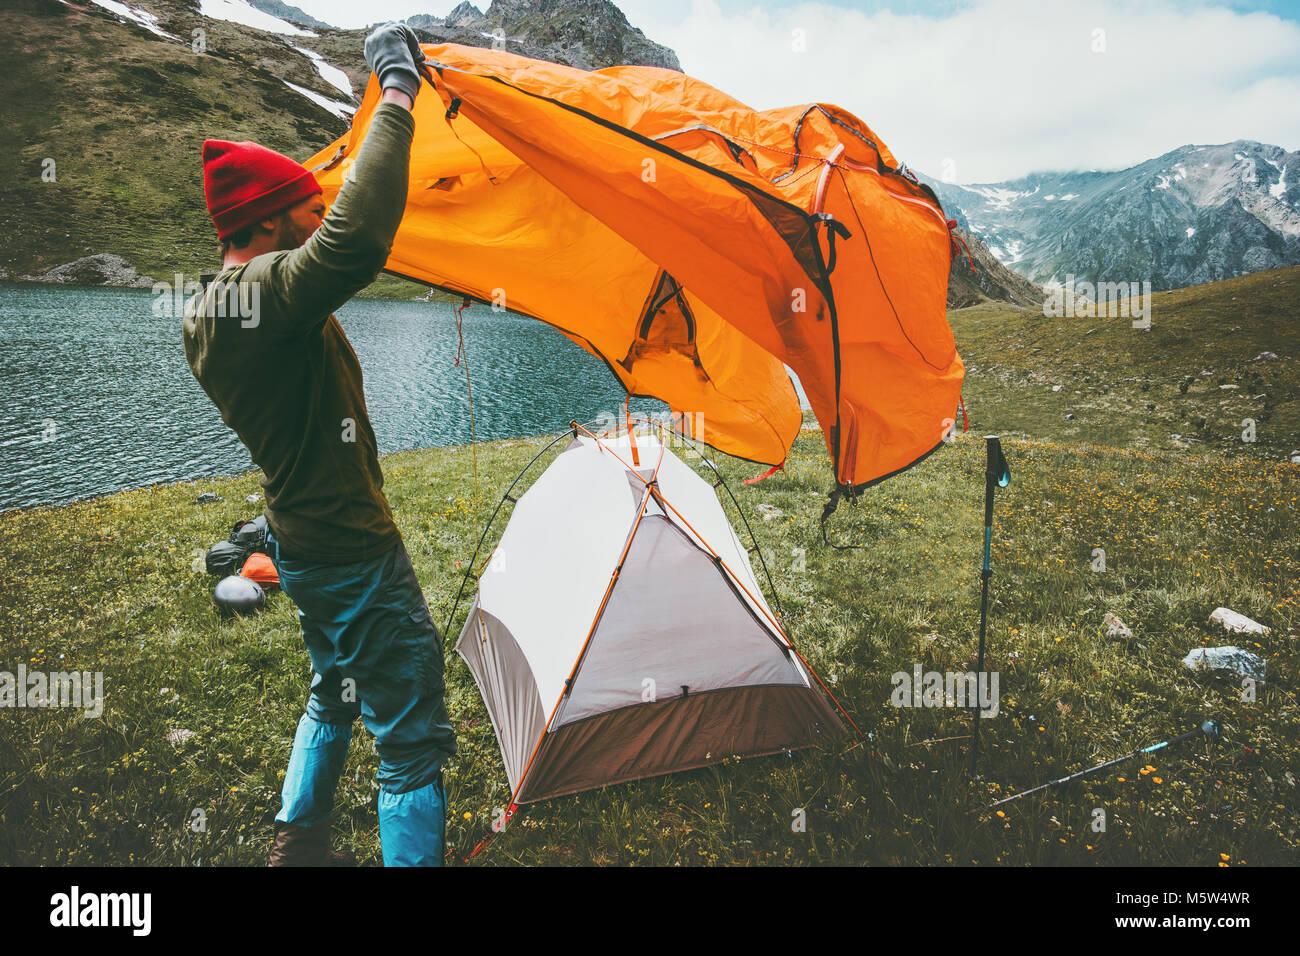 Meilleur homme tente de tangage d'équipement de camping outdoor aventure voyage voyage d'été Photo Stock